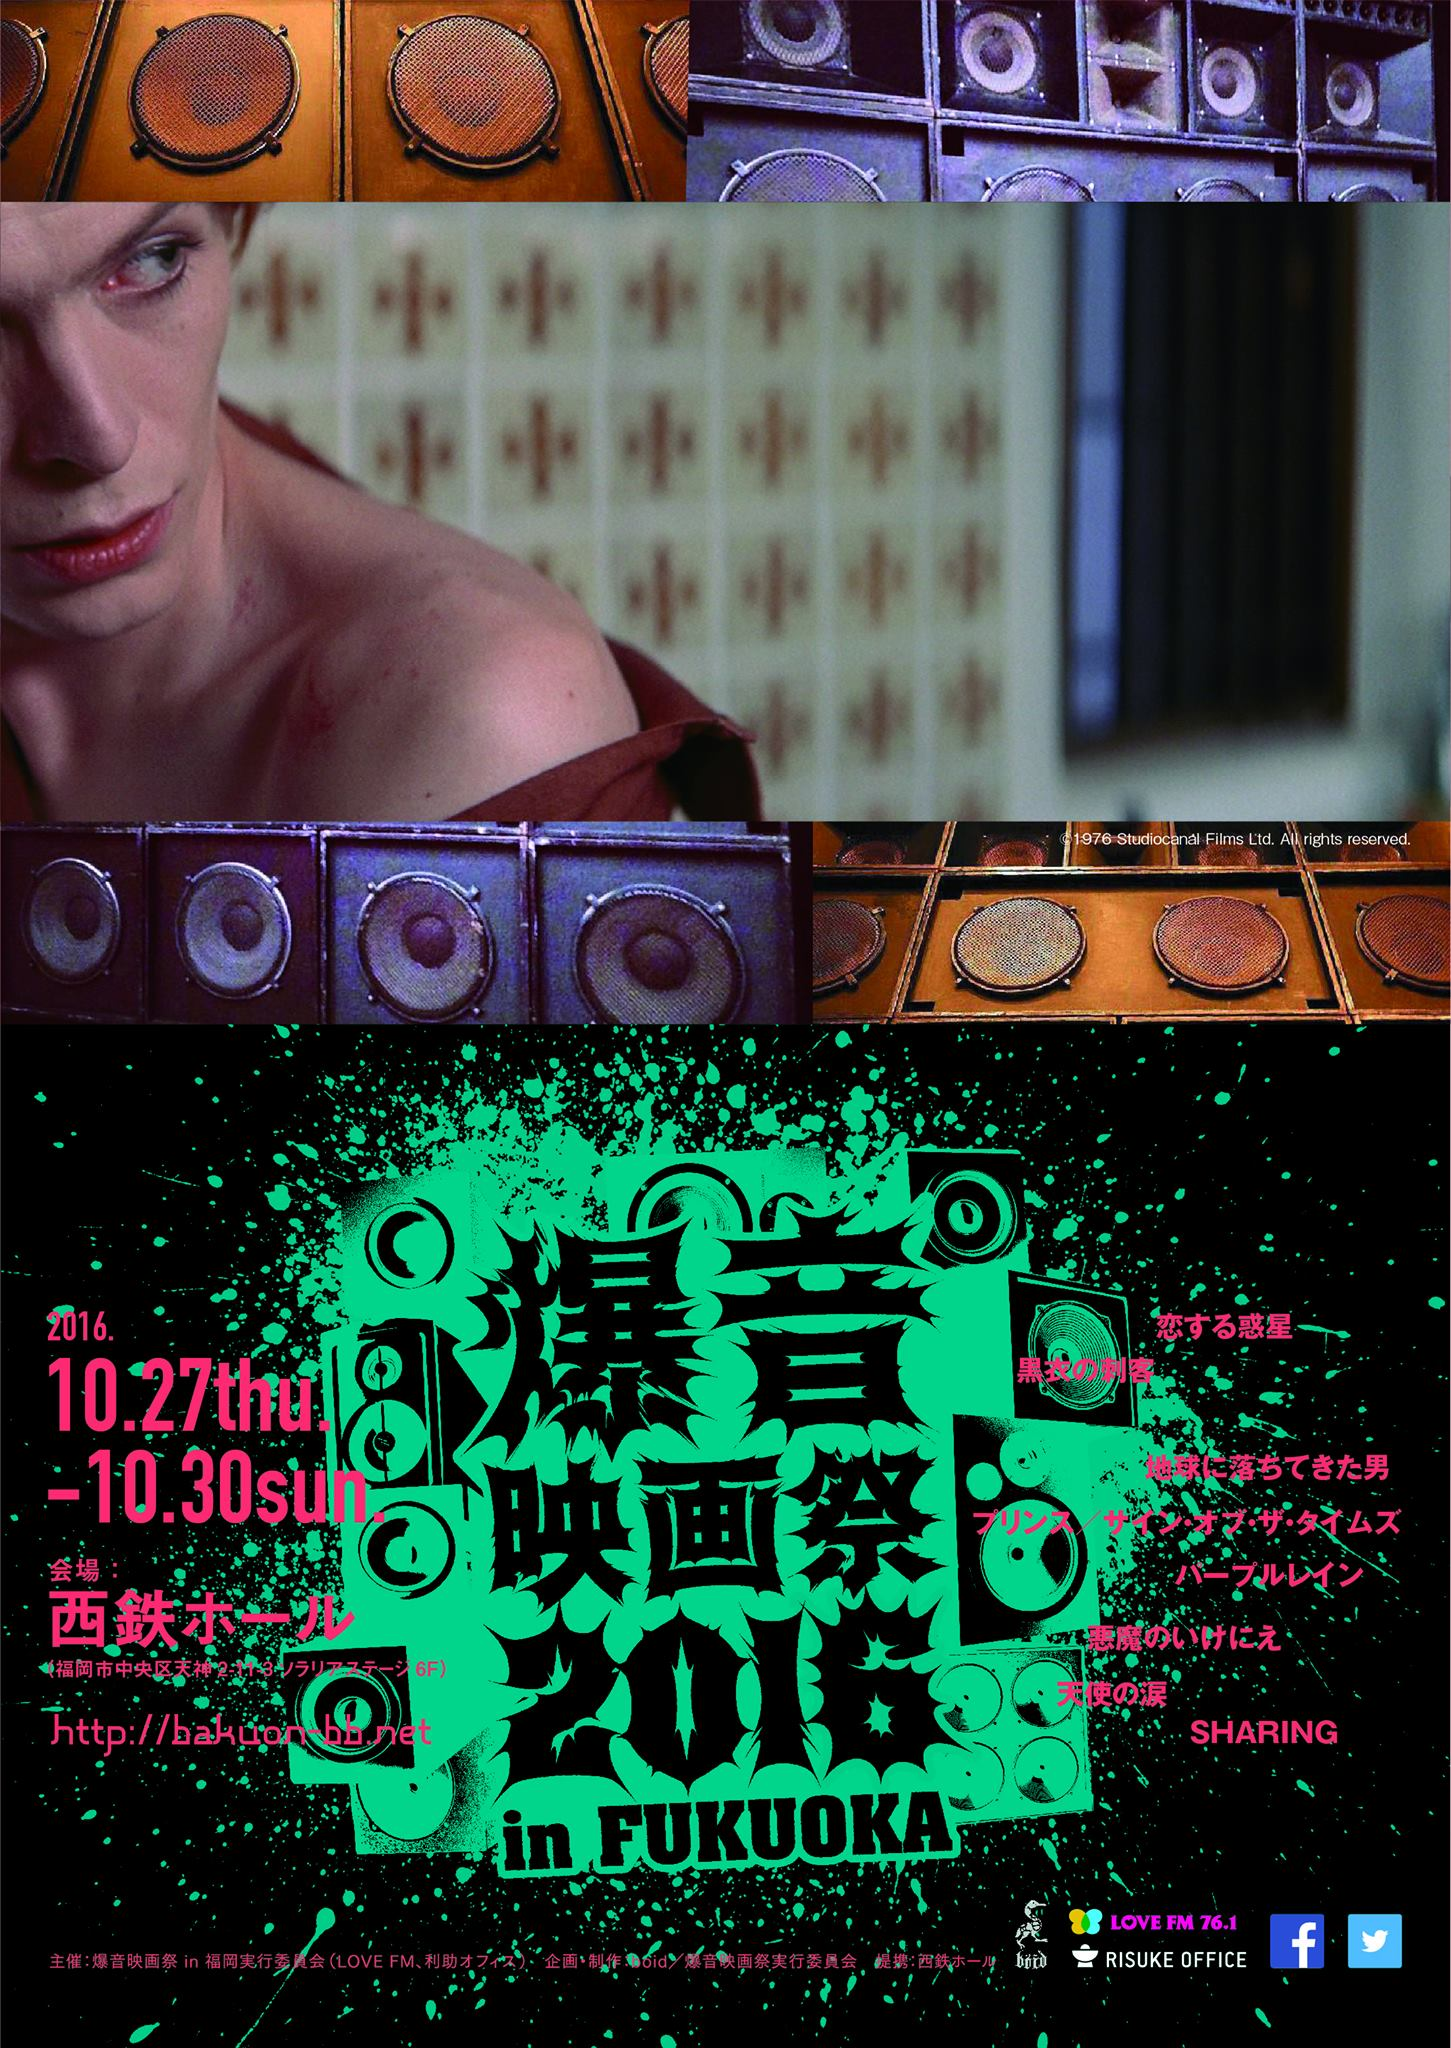 「爆音映画祭2016 in FUKUOKA」読者プレゼント